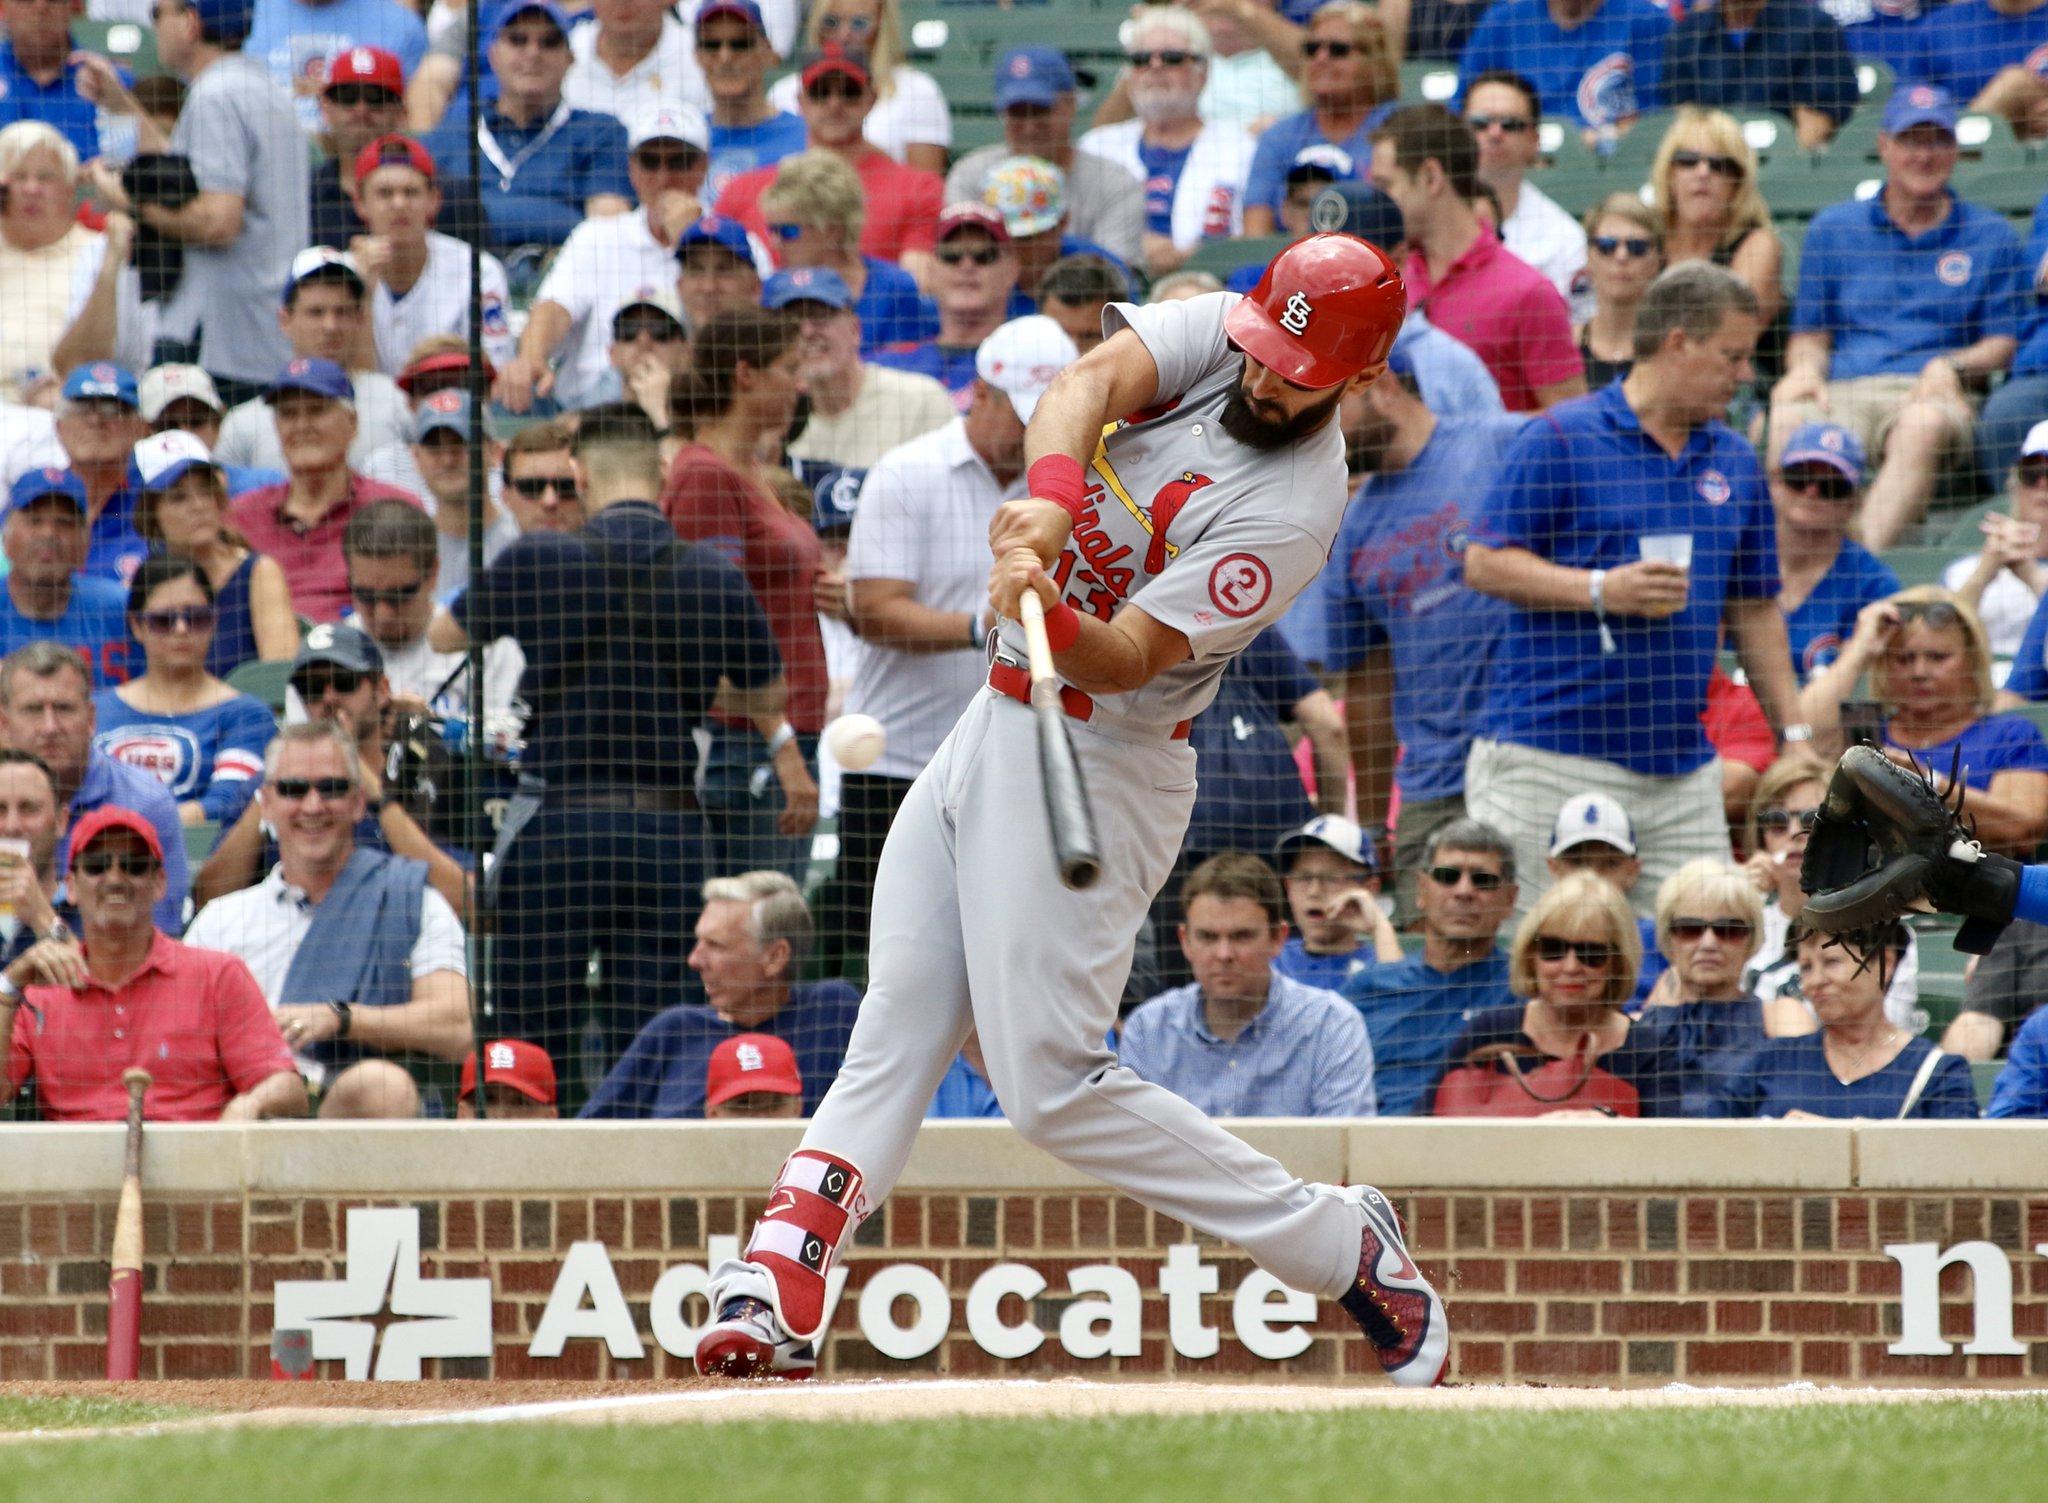 We'll have what he's having!   5-for-5, 3 HR, 2 2B, 4 R, 7 RBI... it's the 6th inning!  #STLCards https://t.co/PkKoZTNXA1